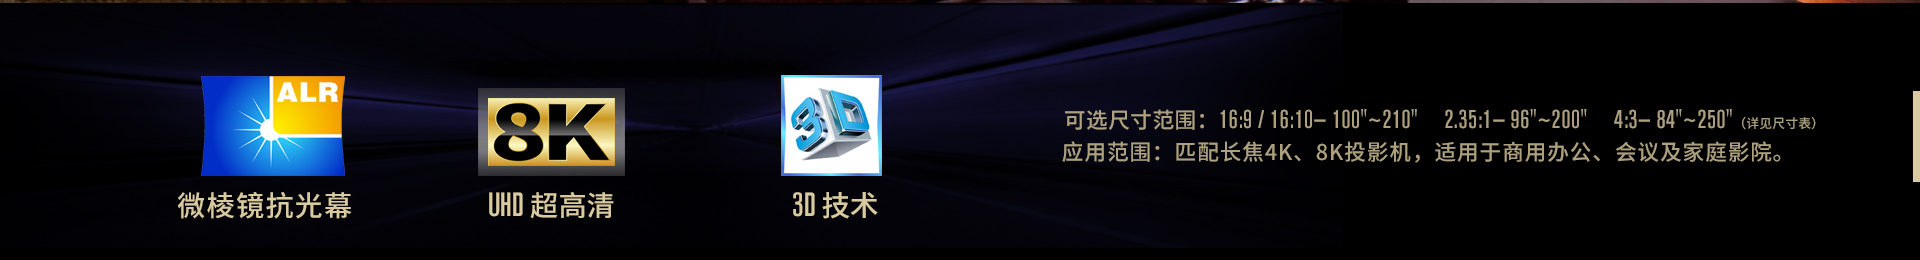 长焦全面屏抗光幕_02.jpg